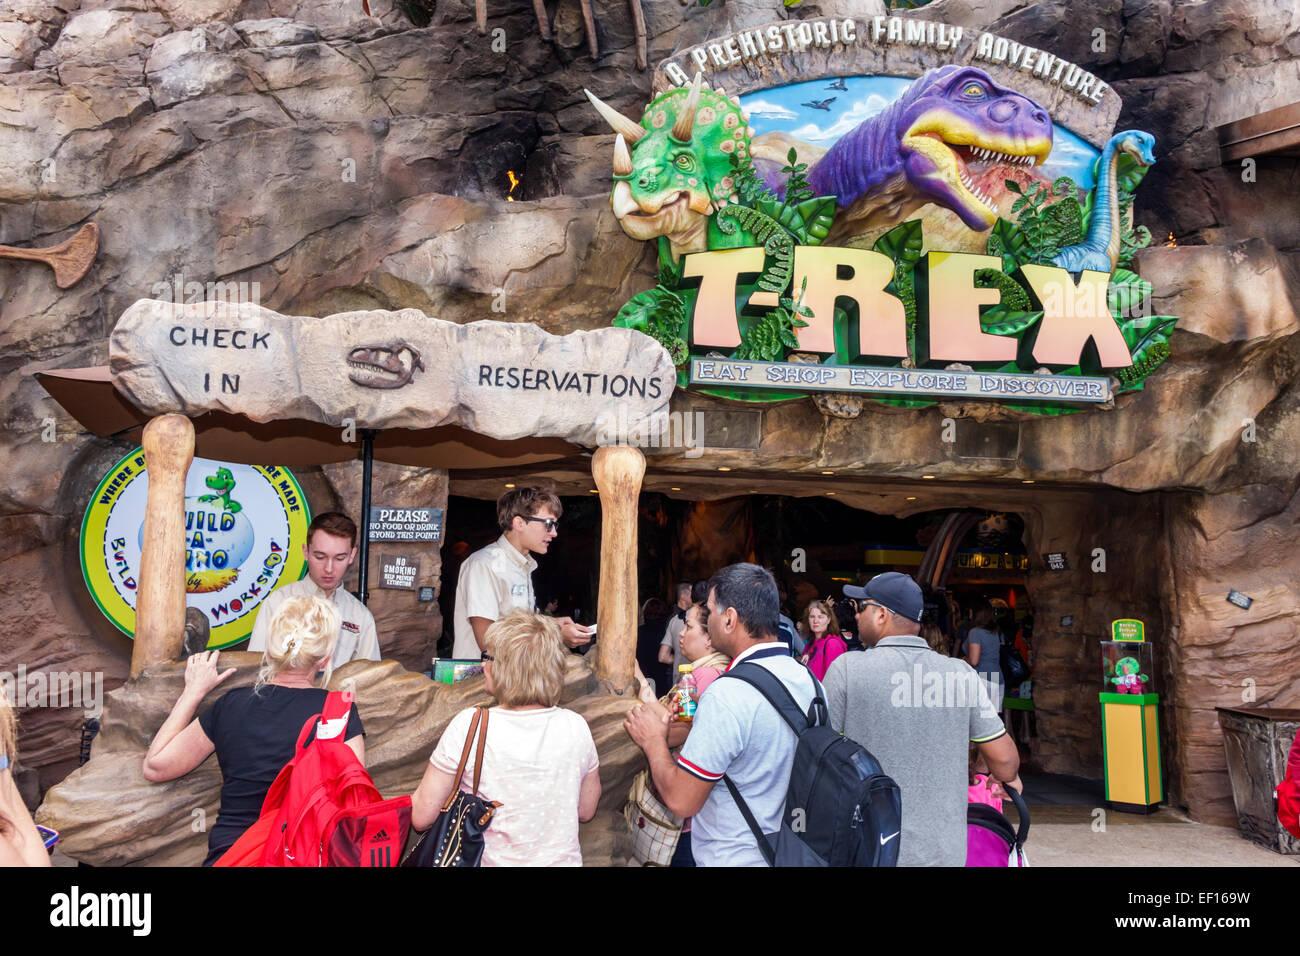 Orlando Florida Lake Buena Vista Disney Shopping Restaurants Unterhaltung T-Rex restaurant Eingang Dinosaurier Linie Stockbild